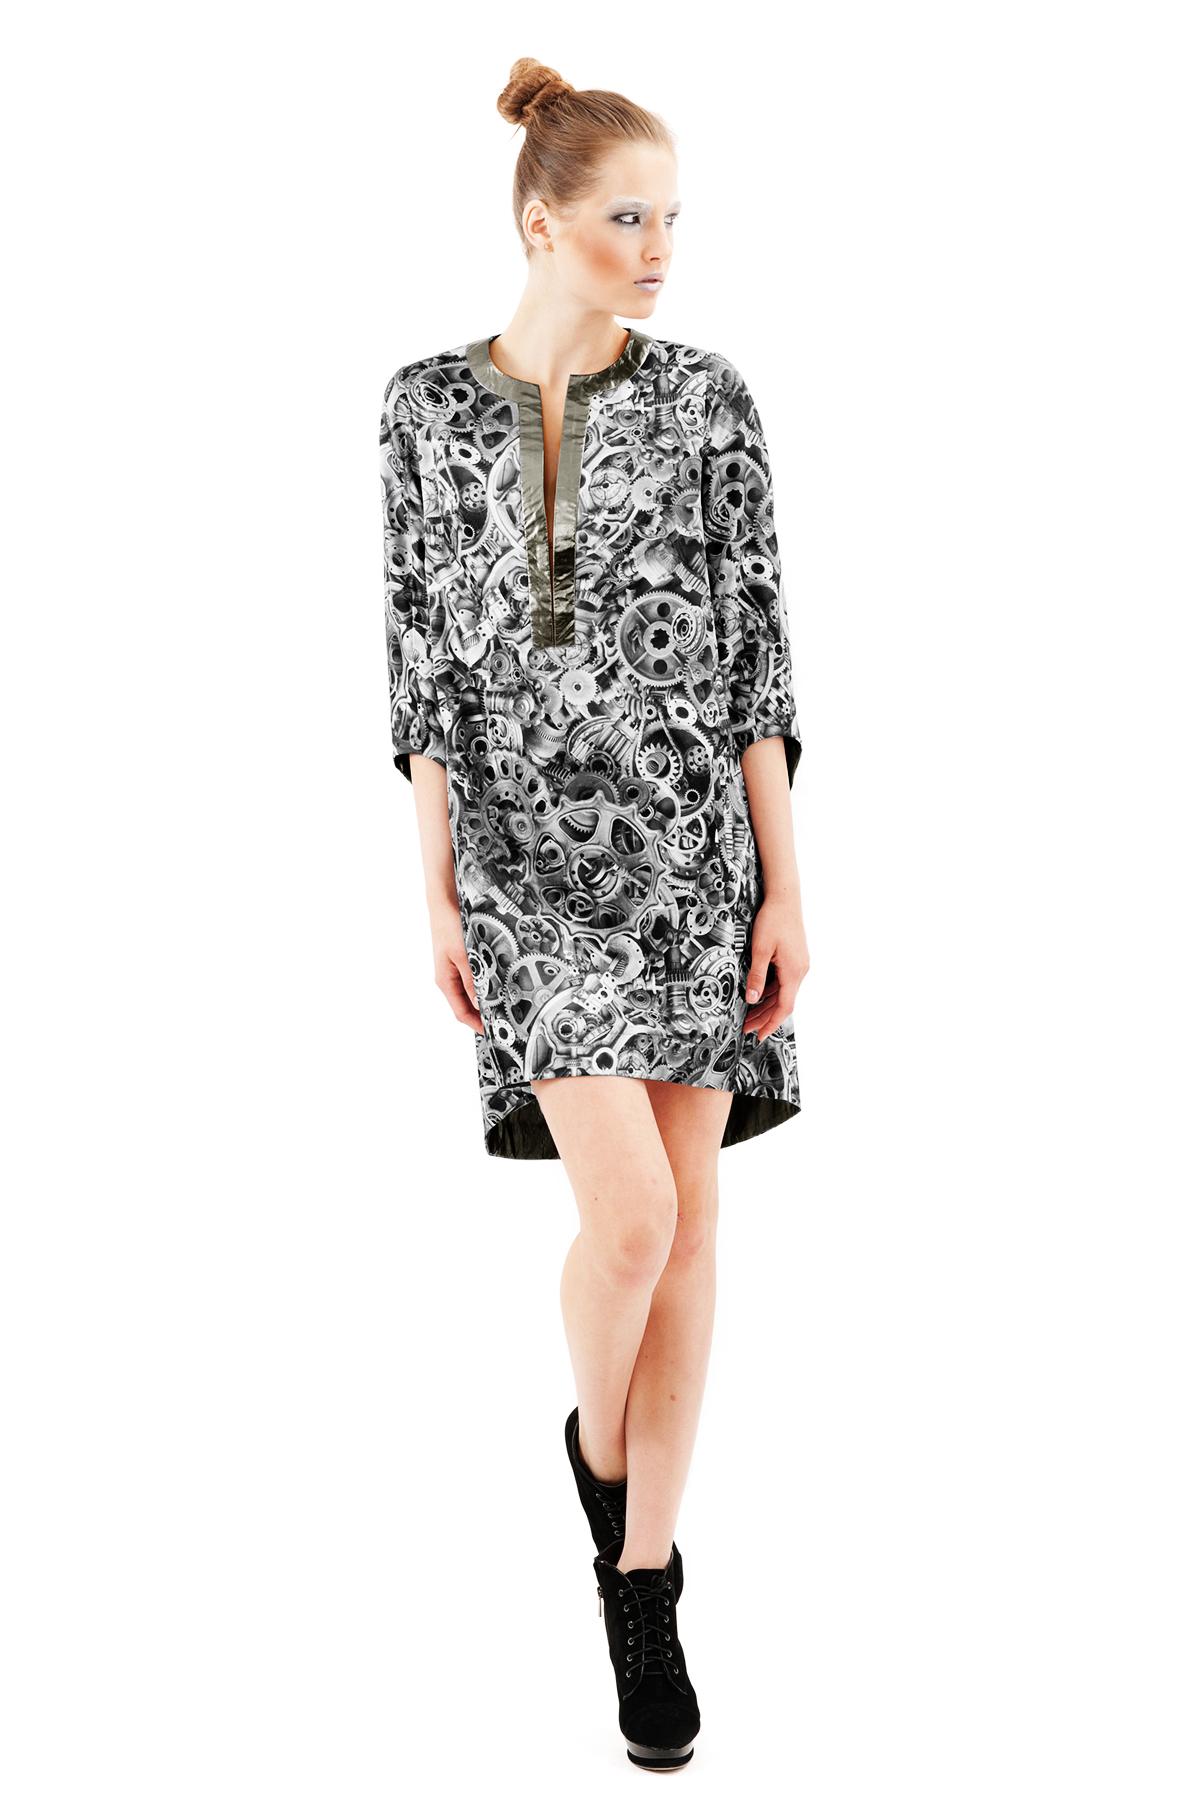 ПлатьеПлатья,  сарафаны<br>Оригинальное платье в  с тиле SteamPunk. Коллекция Пуходелические сны дизайнера Павла Ерокина.<br><br>Цвет: черно-белый<br>Состав: ткань1: 50% хлопок, 30% полиэстер, 17% вискоза, 3% эластан ткань2: 100% полиэстер<br>Размер: 48,50<br>Страна дизайна: Россия<br>Страна производства: Россия